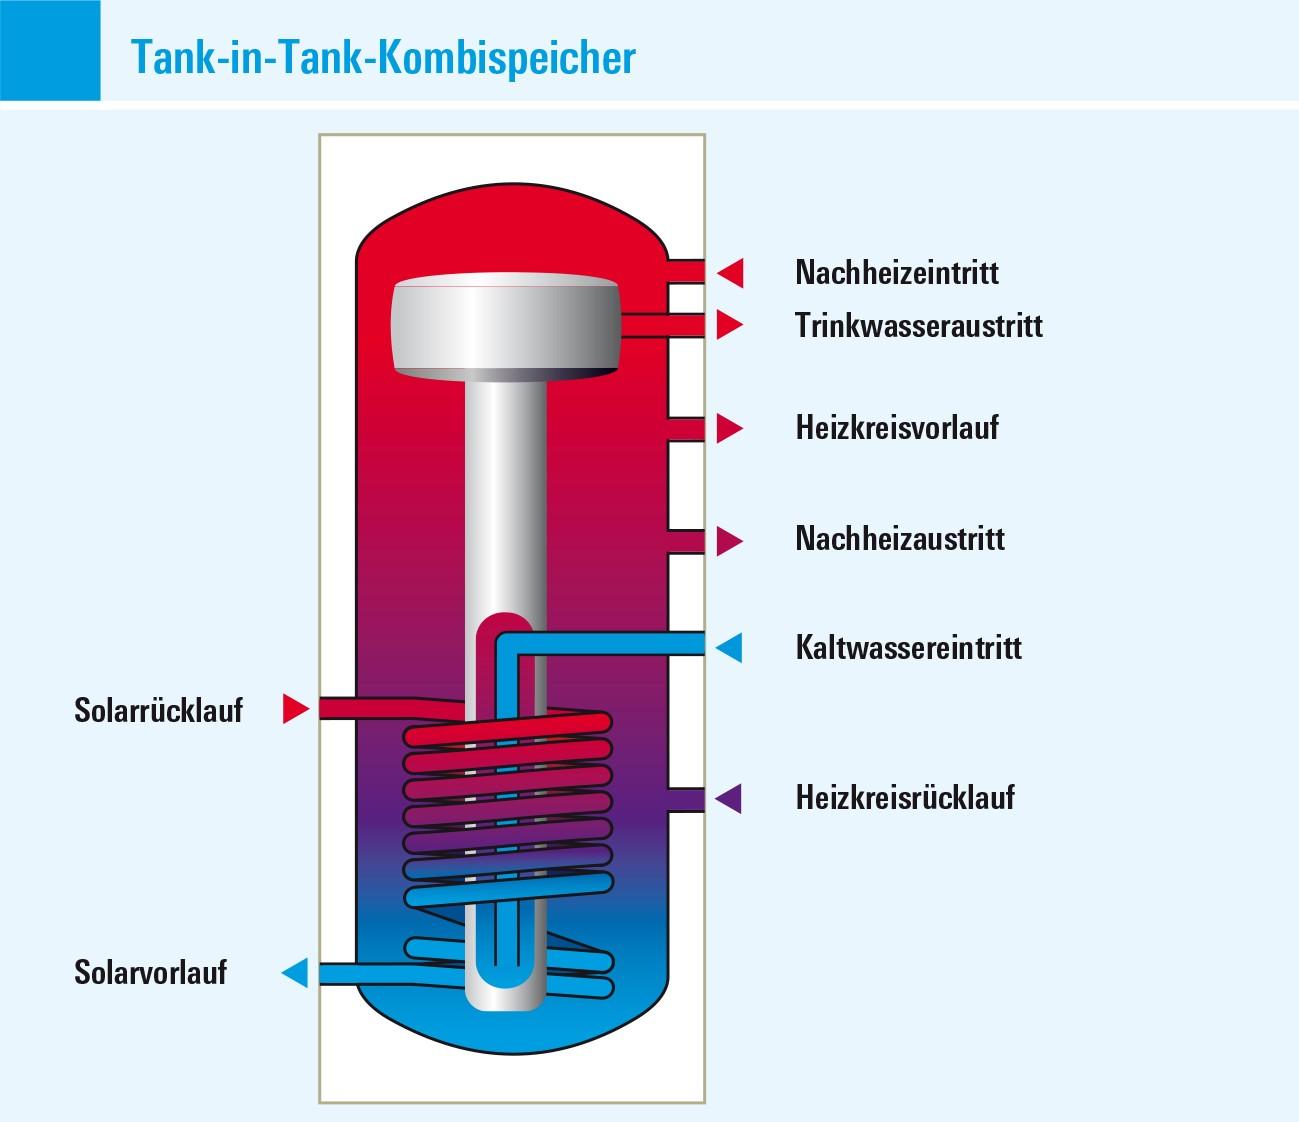 Kombispeicher tank in tank